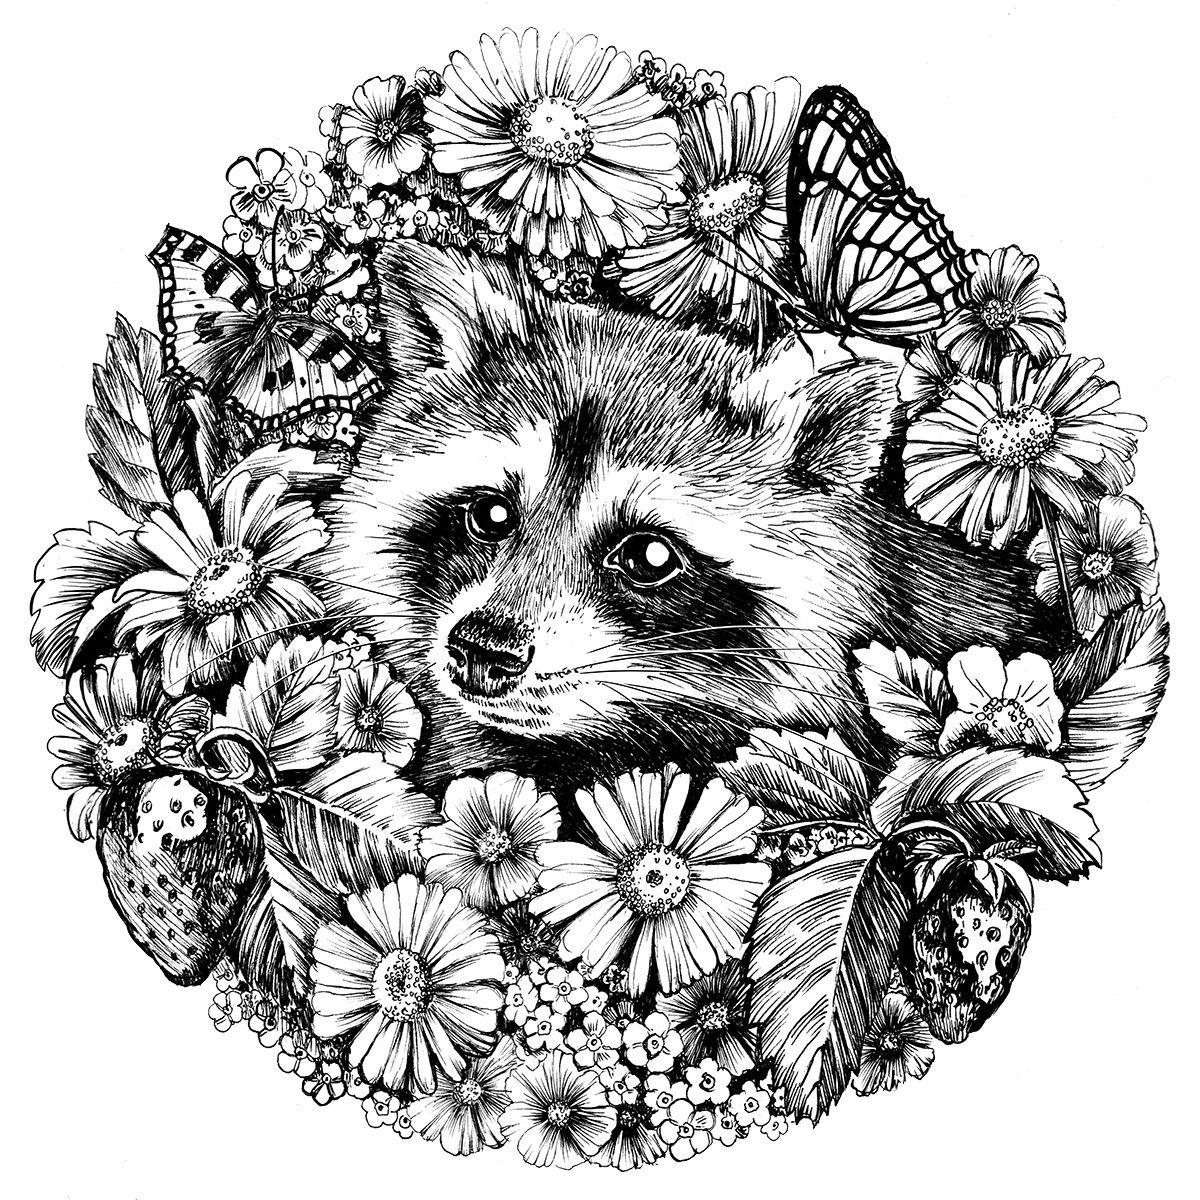 Сообщество иллюстраторов   Иллюстрация Летний енот. (с ...